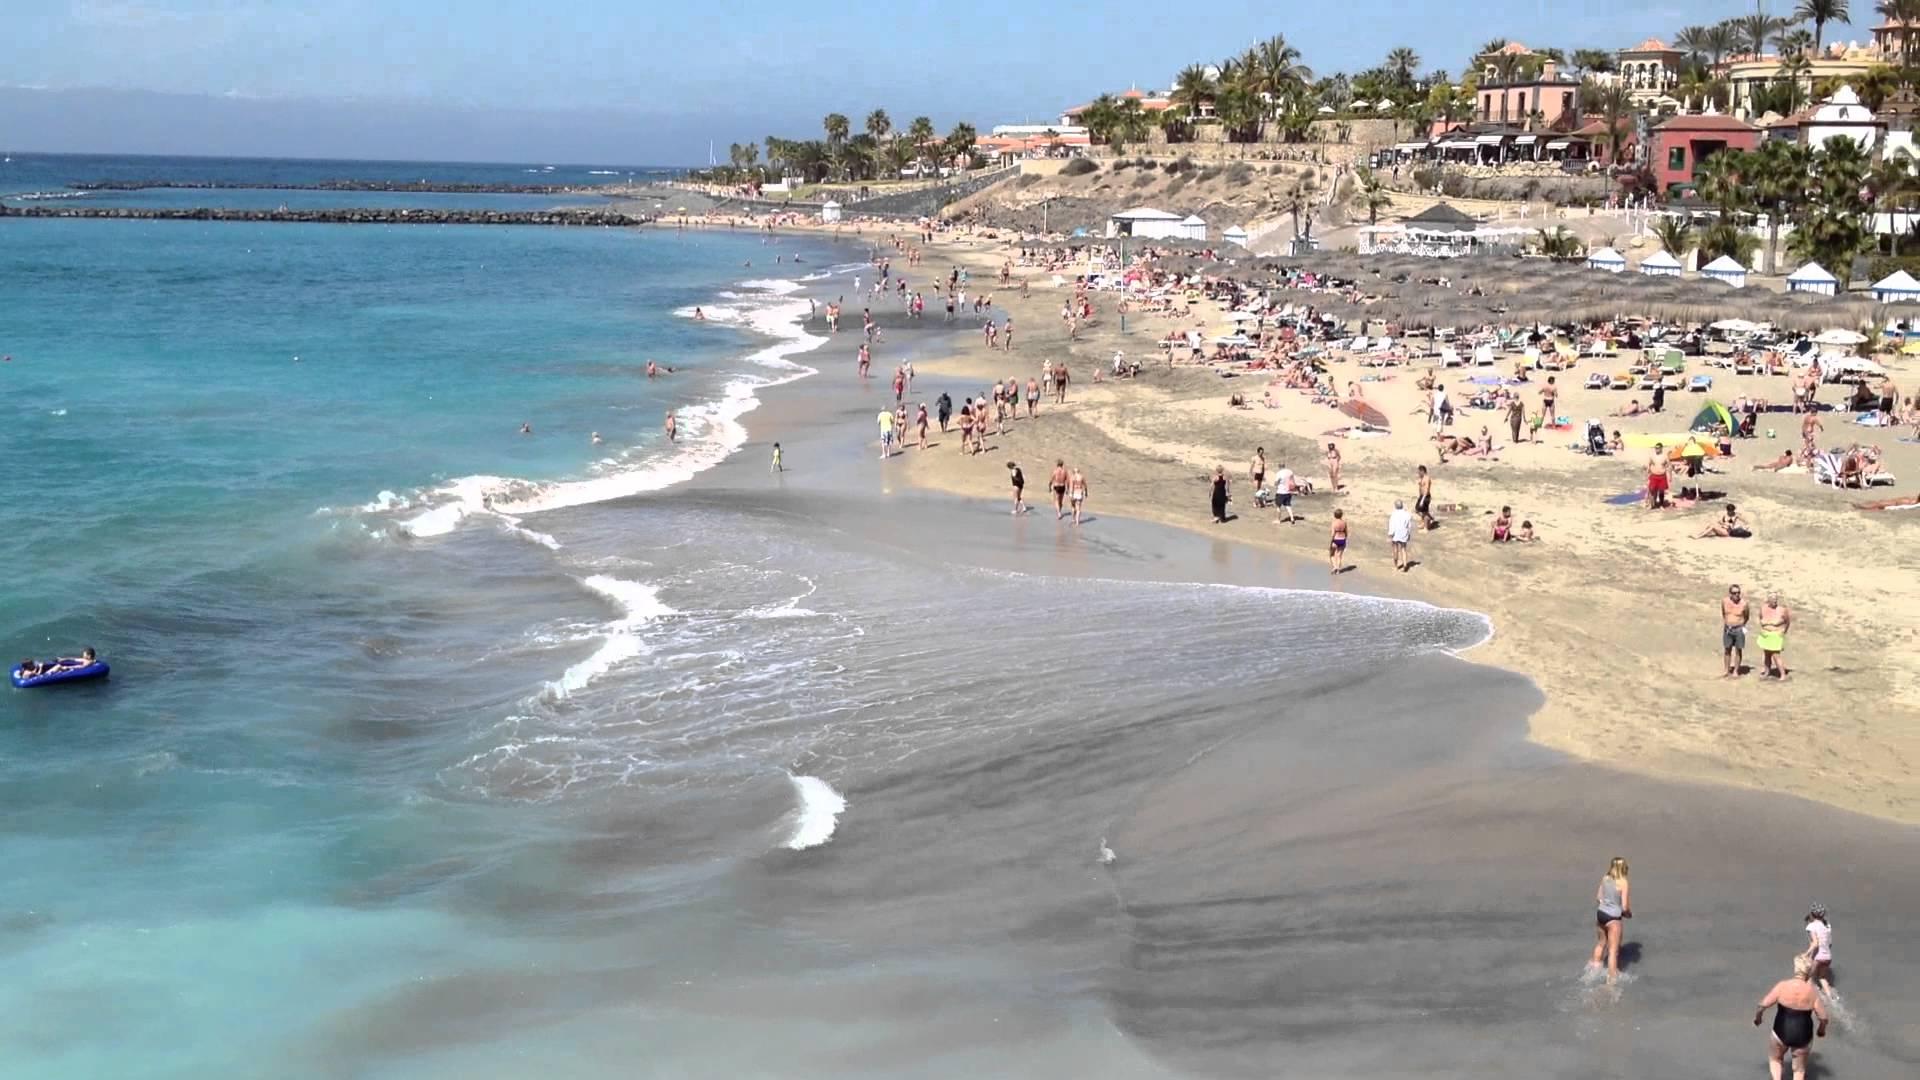 Воры пытались украсть сейфы из трех роскошных вилл в Costa Adeje